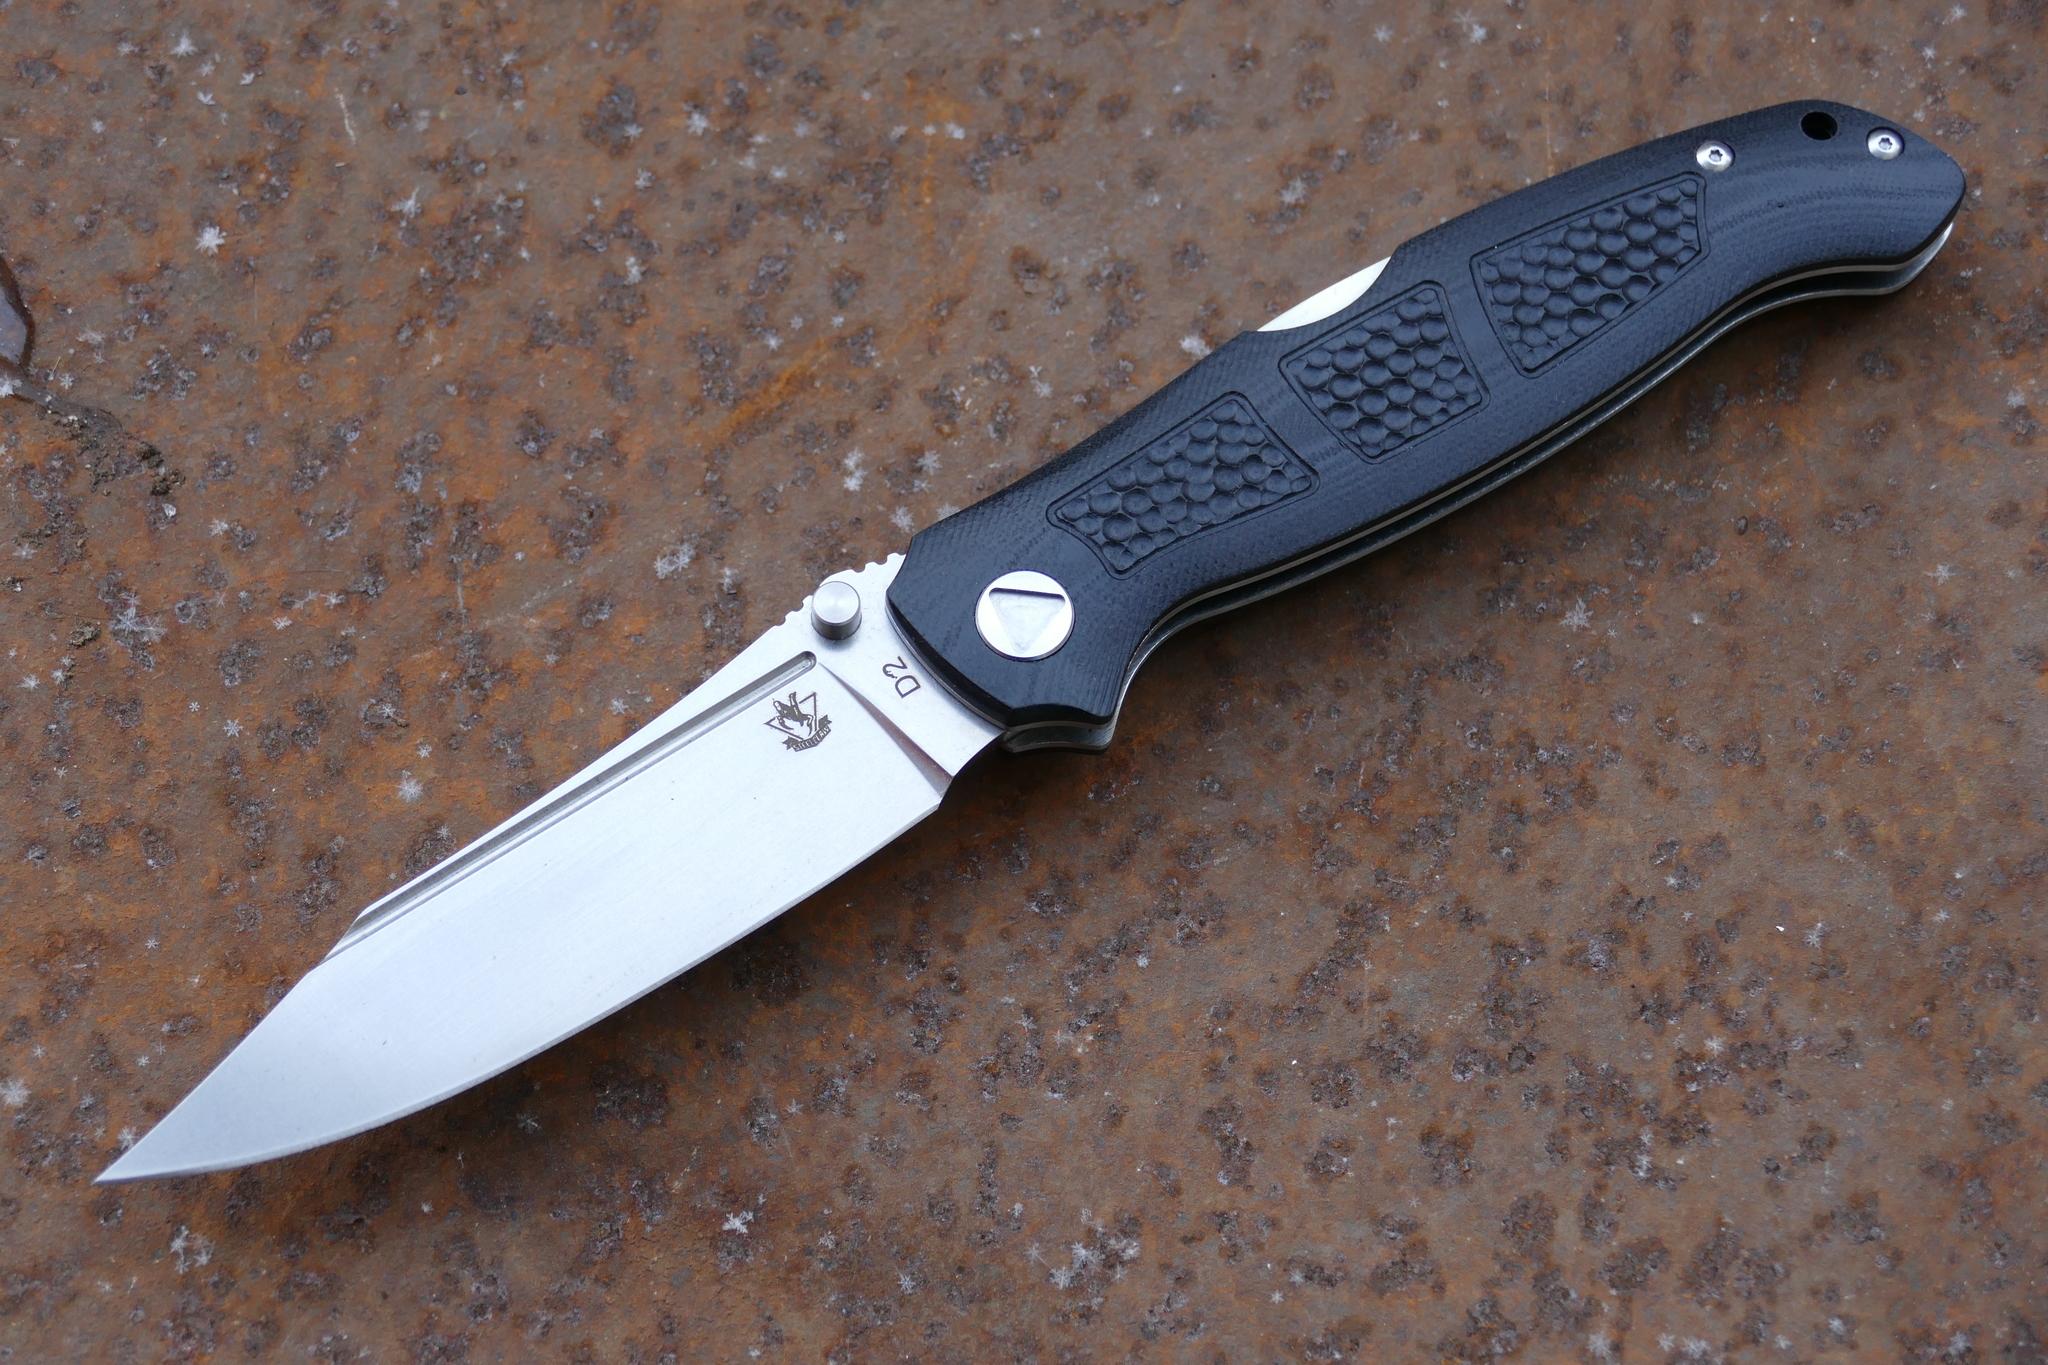 Фото 18 - Складной нож Брат 2, D2 от Steelclaw